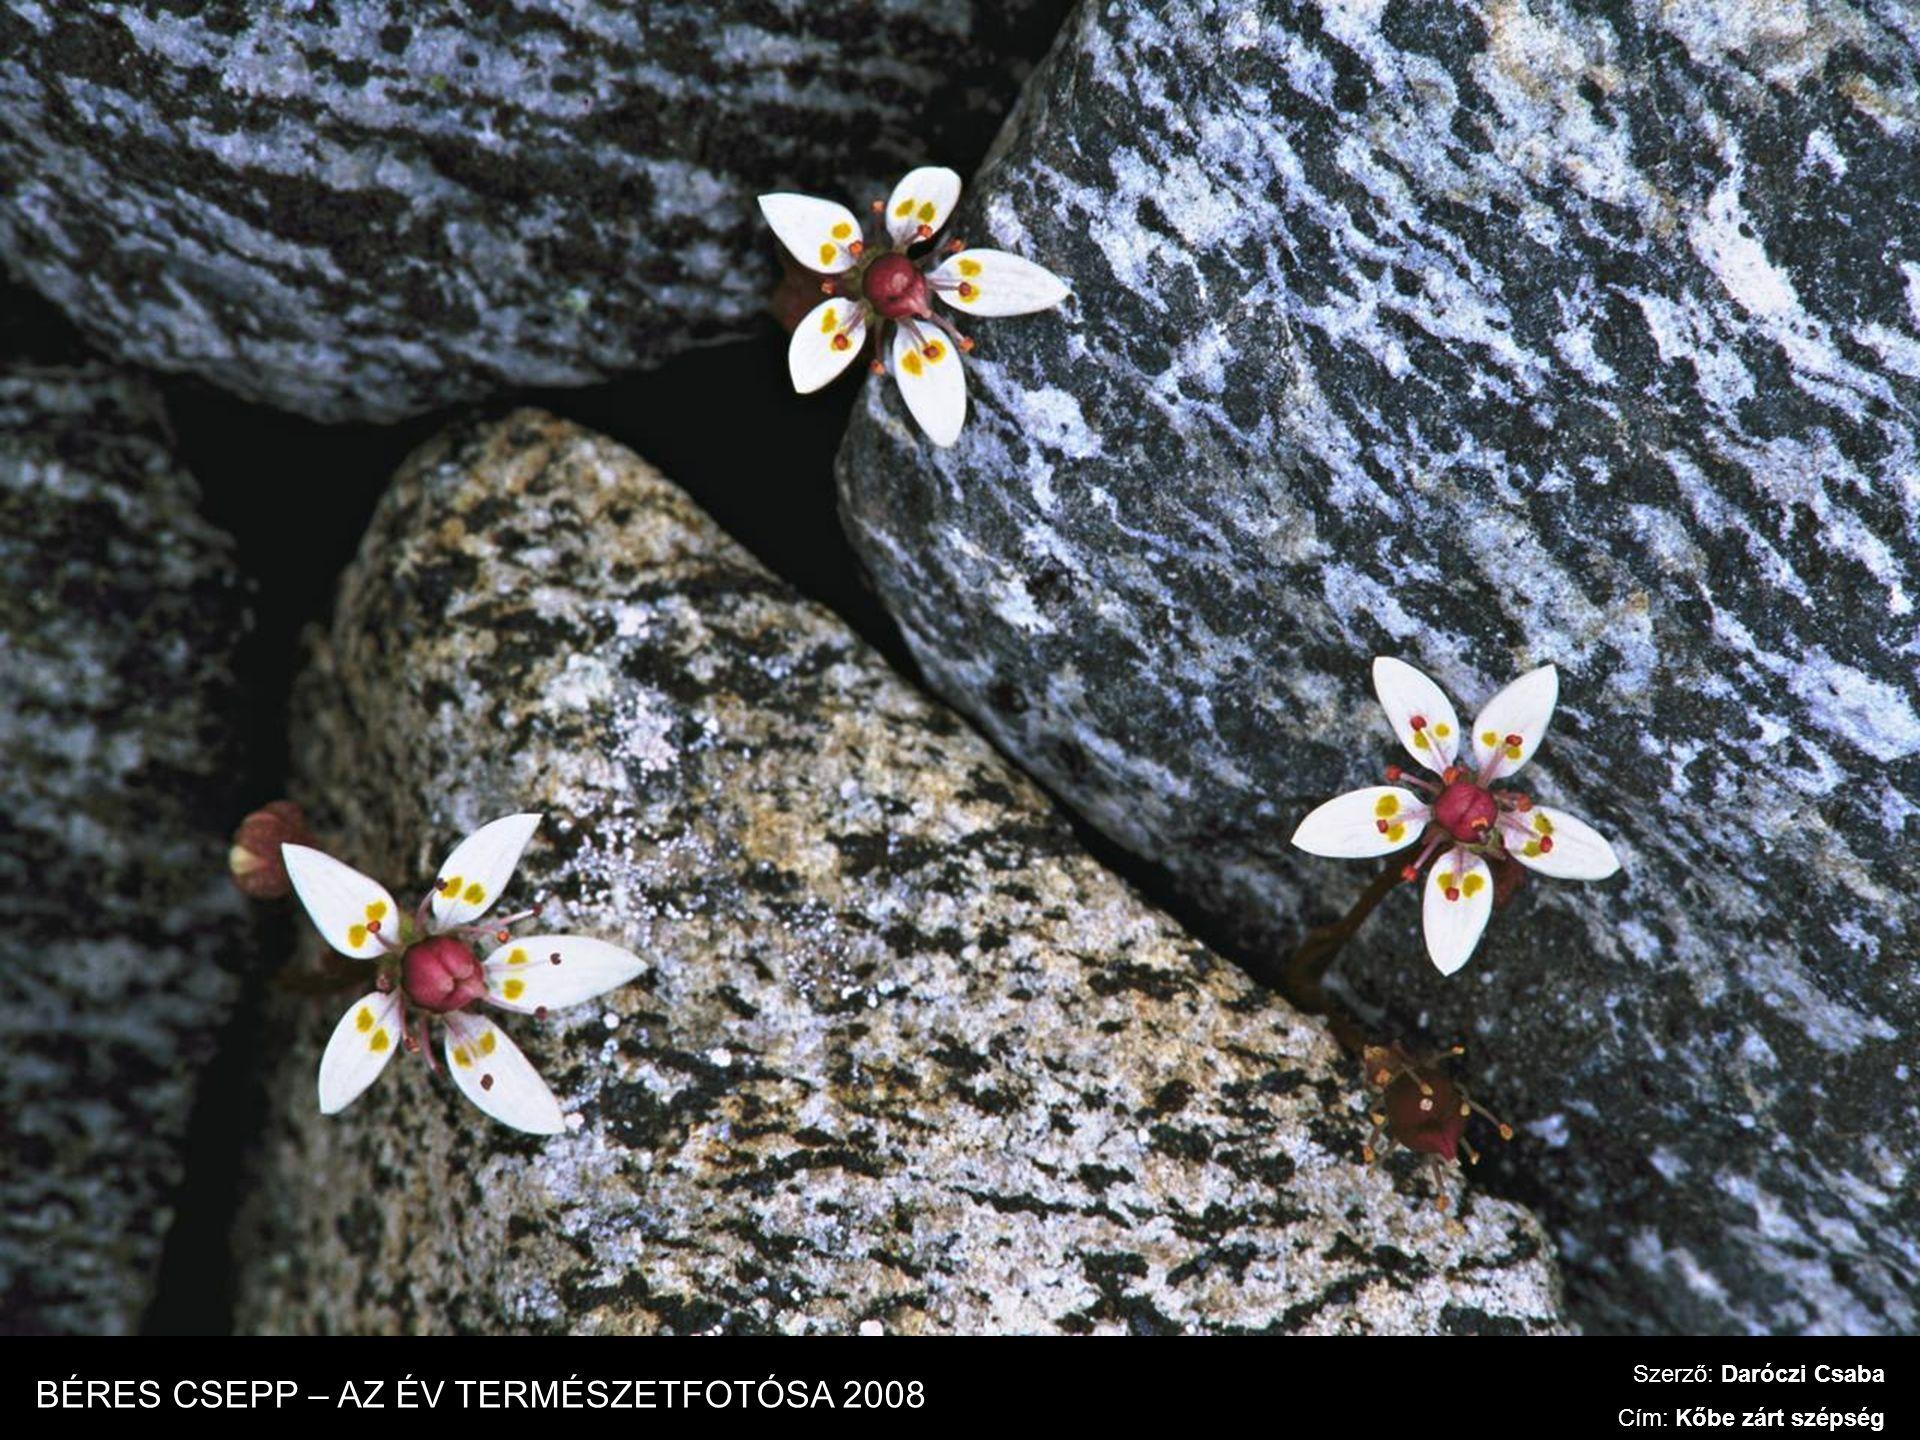 Szerző: Daróczi Csaba Cím: Kőbe zárt szépség BÉRES CSEPP – AZ ÉV TERMÉSZETFOTÓSA 2008